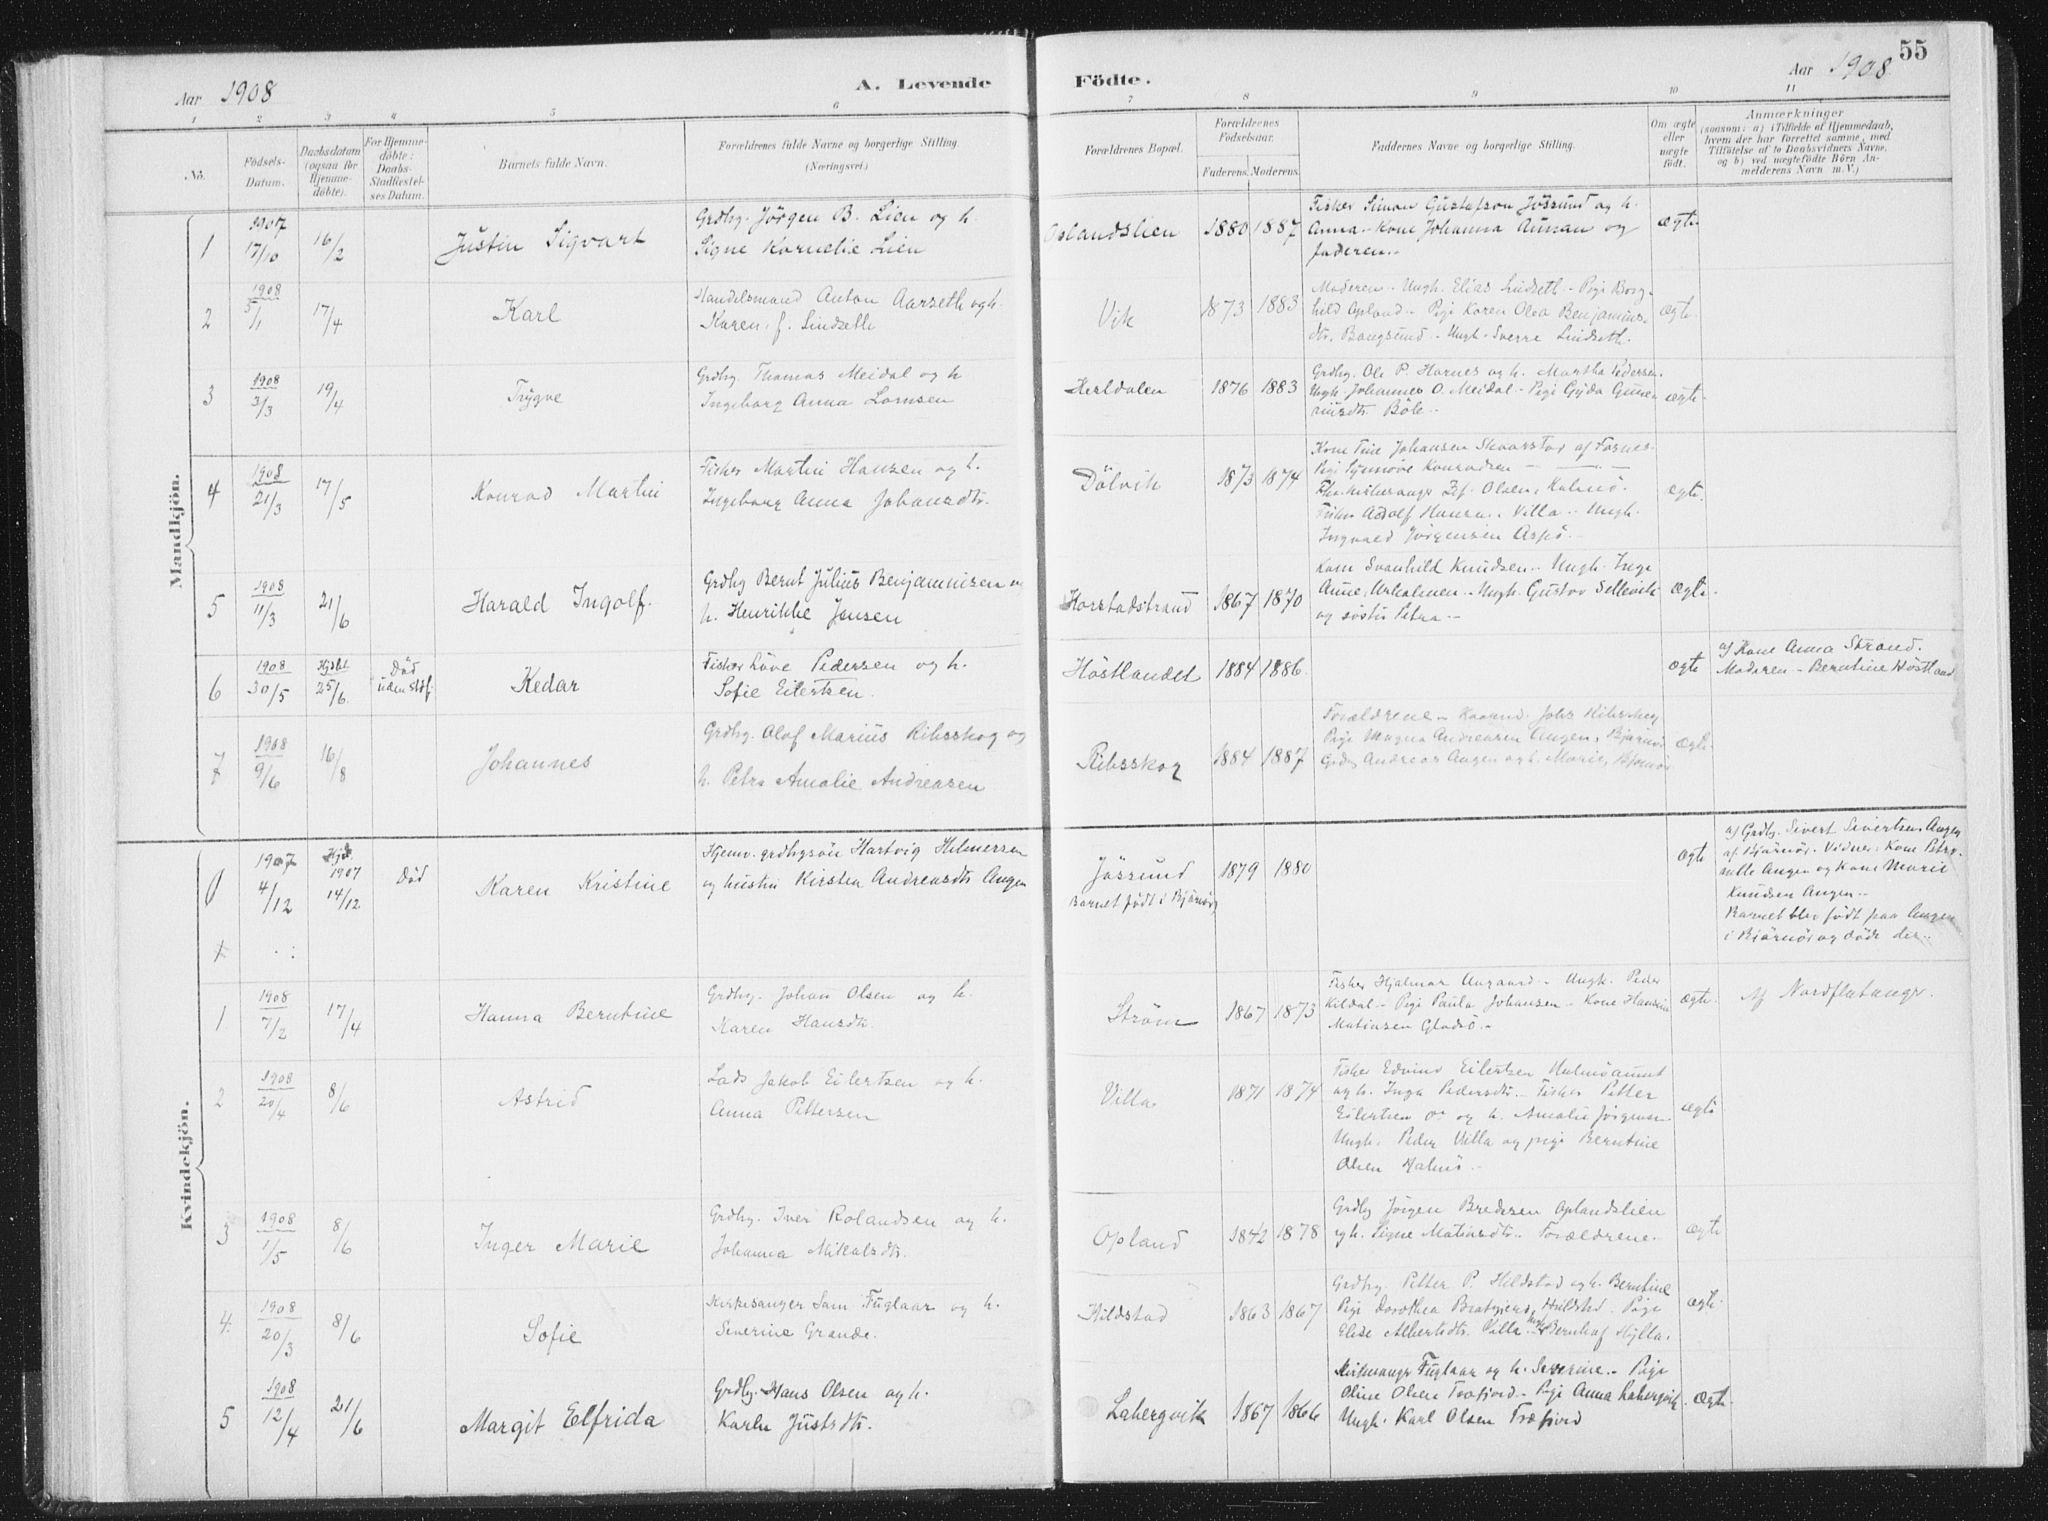 SAT, Ministerialprotokoller, klokkerbøker og fødselsregistre - Nord-Trøndelag, 771/L0597: Ministerialbok nr. 771A04, 1885-1910, s. 55